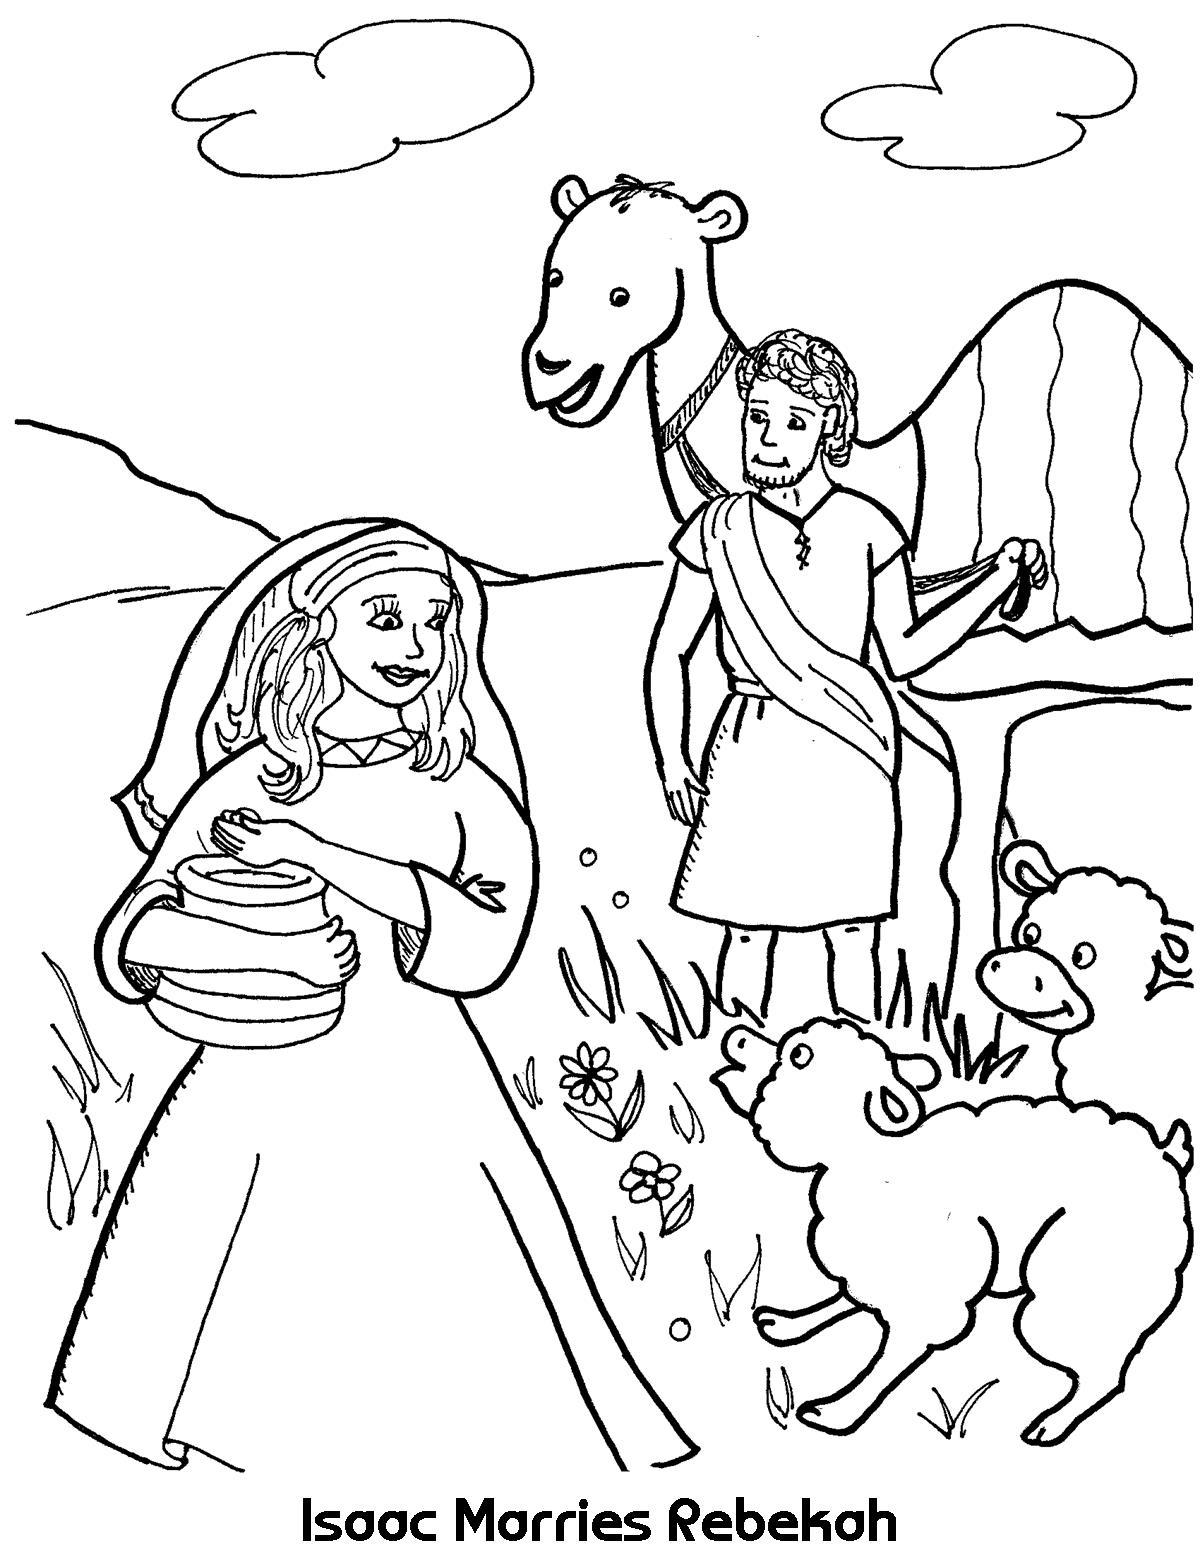 Isaac Marries Rebekah Coloring Page